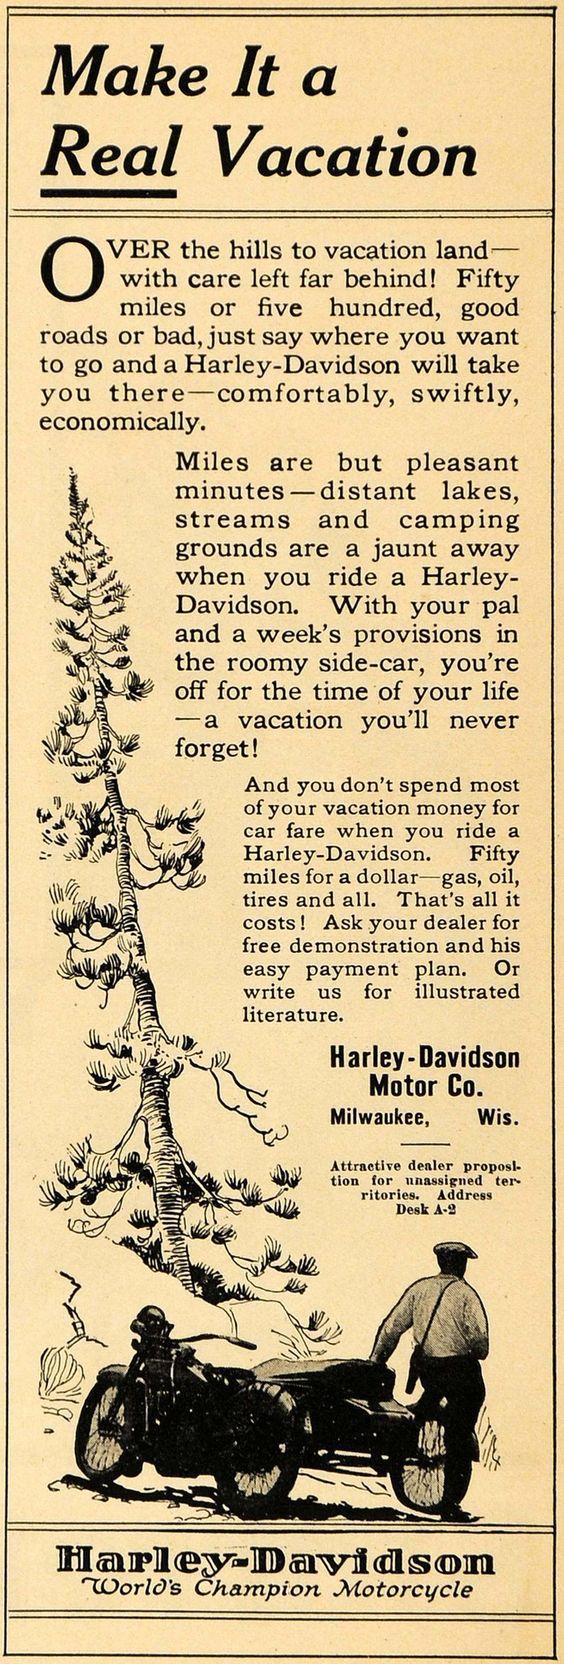 1922 - Harley-Davidson - Make a real vacation